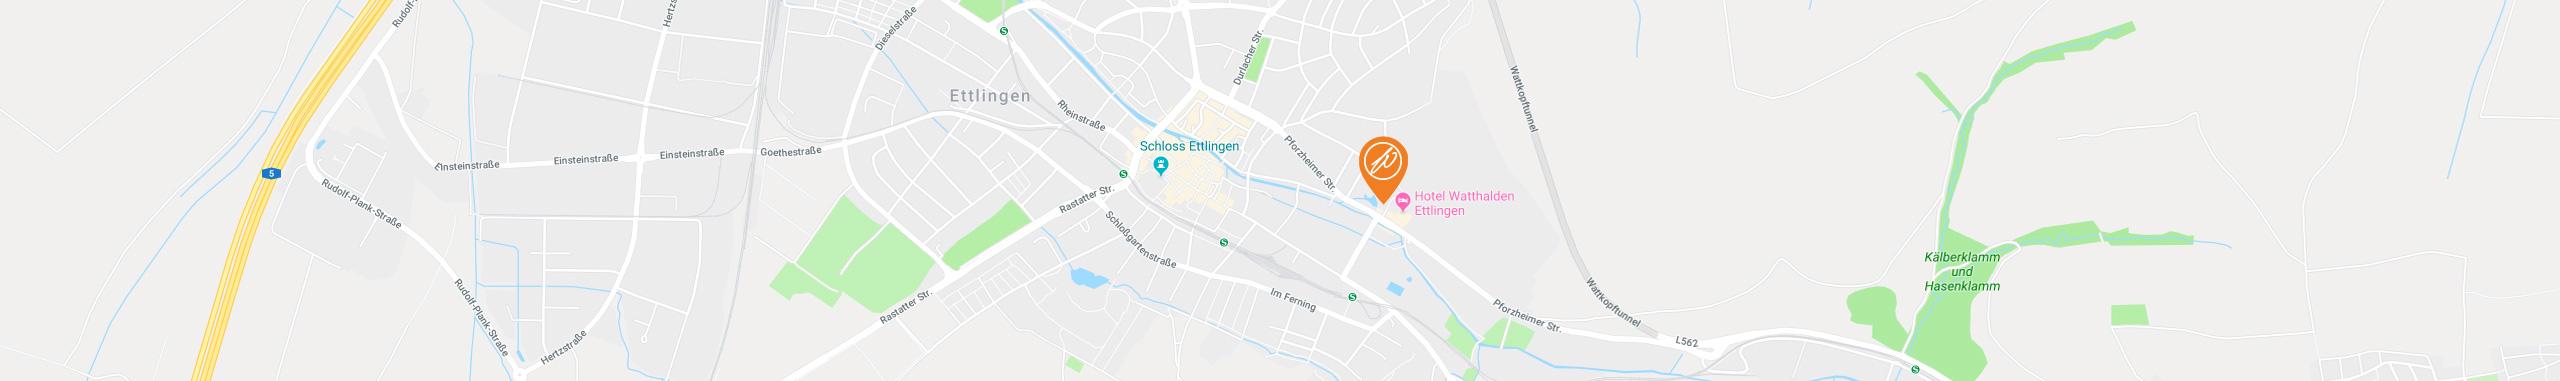 Ihr Weg zur WaTT's Brasserie und Bar in Ettlingen über Google Maps